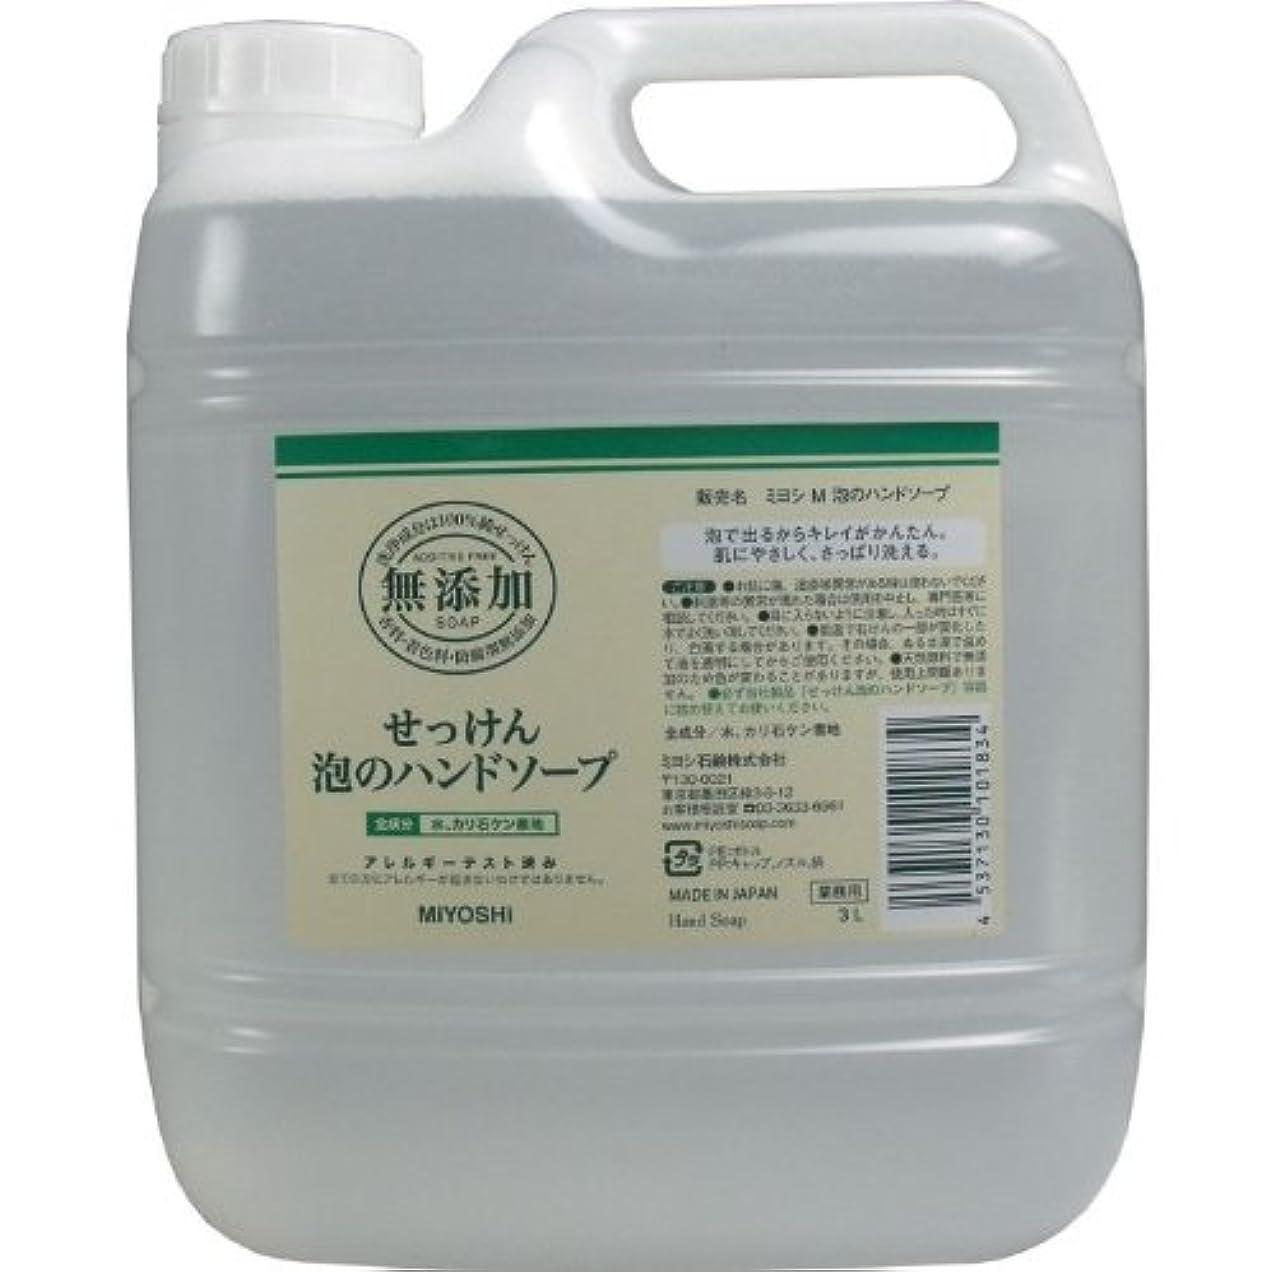 シフト今晩何もない泡で出るからキレイが簡単!家事の間のサッと洗いも簡単!香料、着色料、防腐剤無添加!(業務用)3L【4個セット】